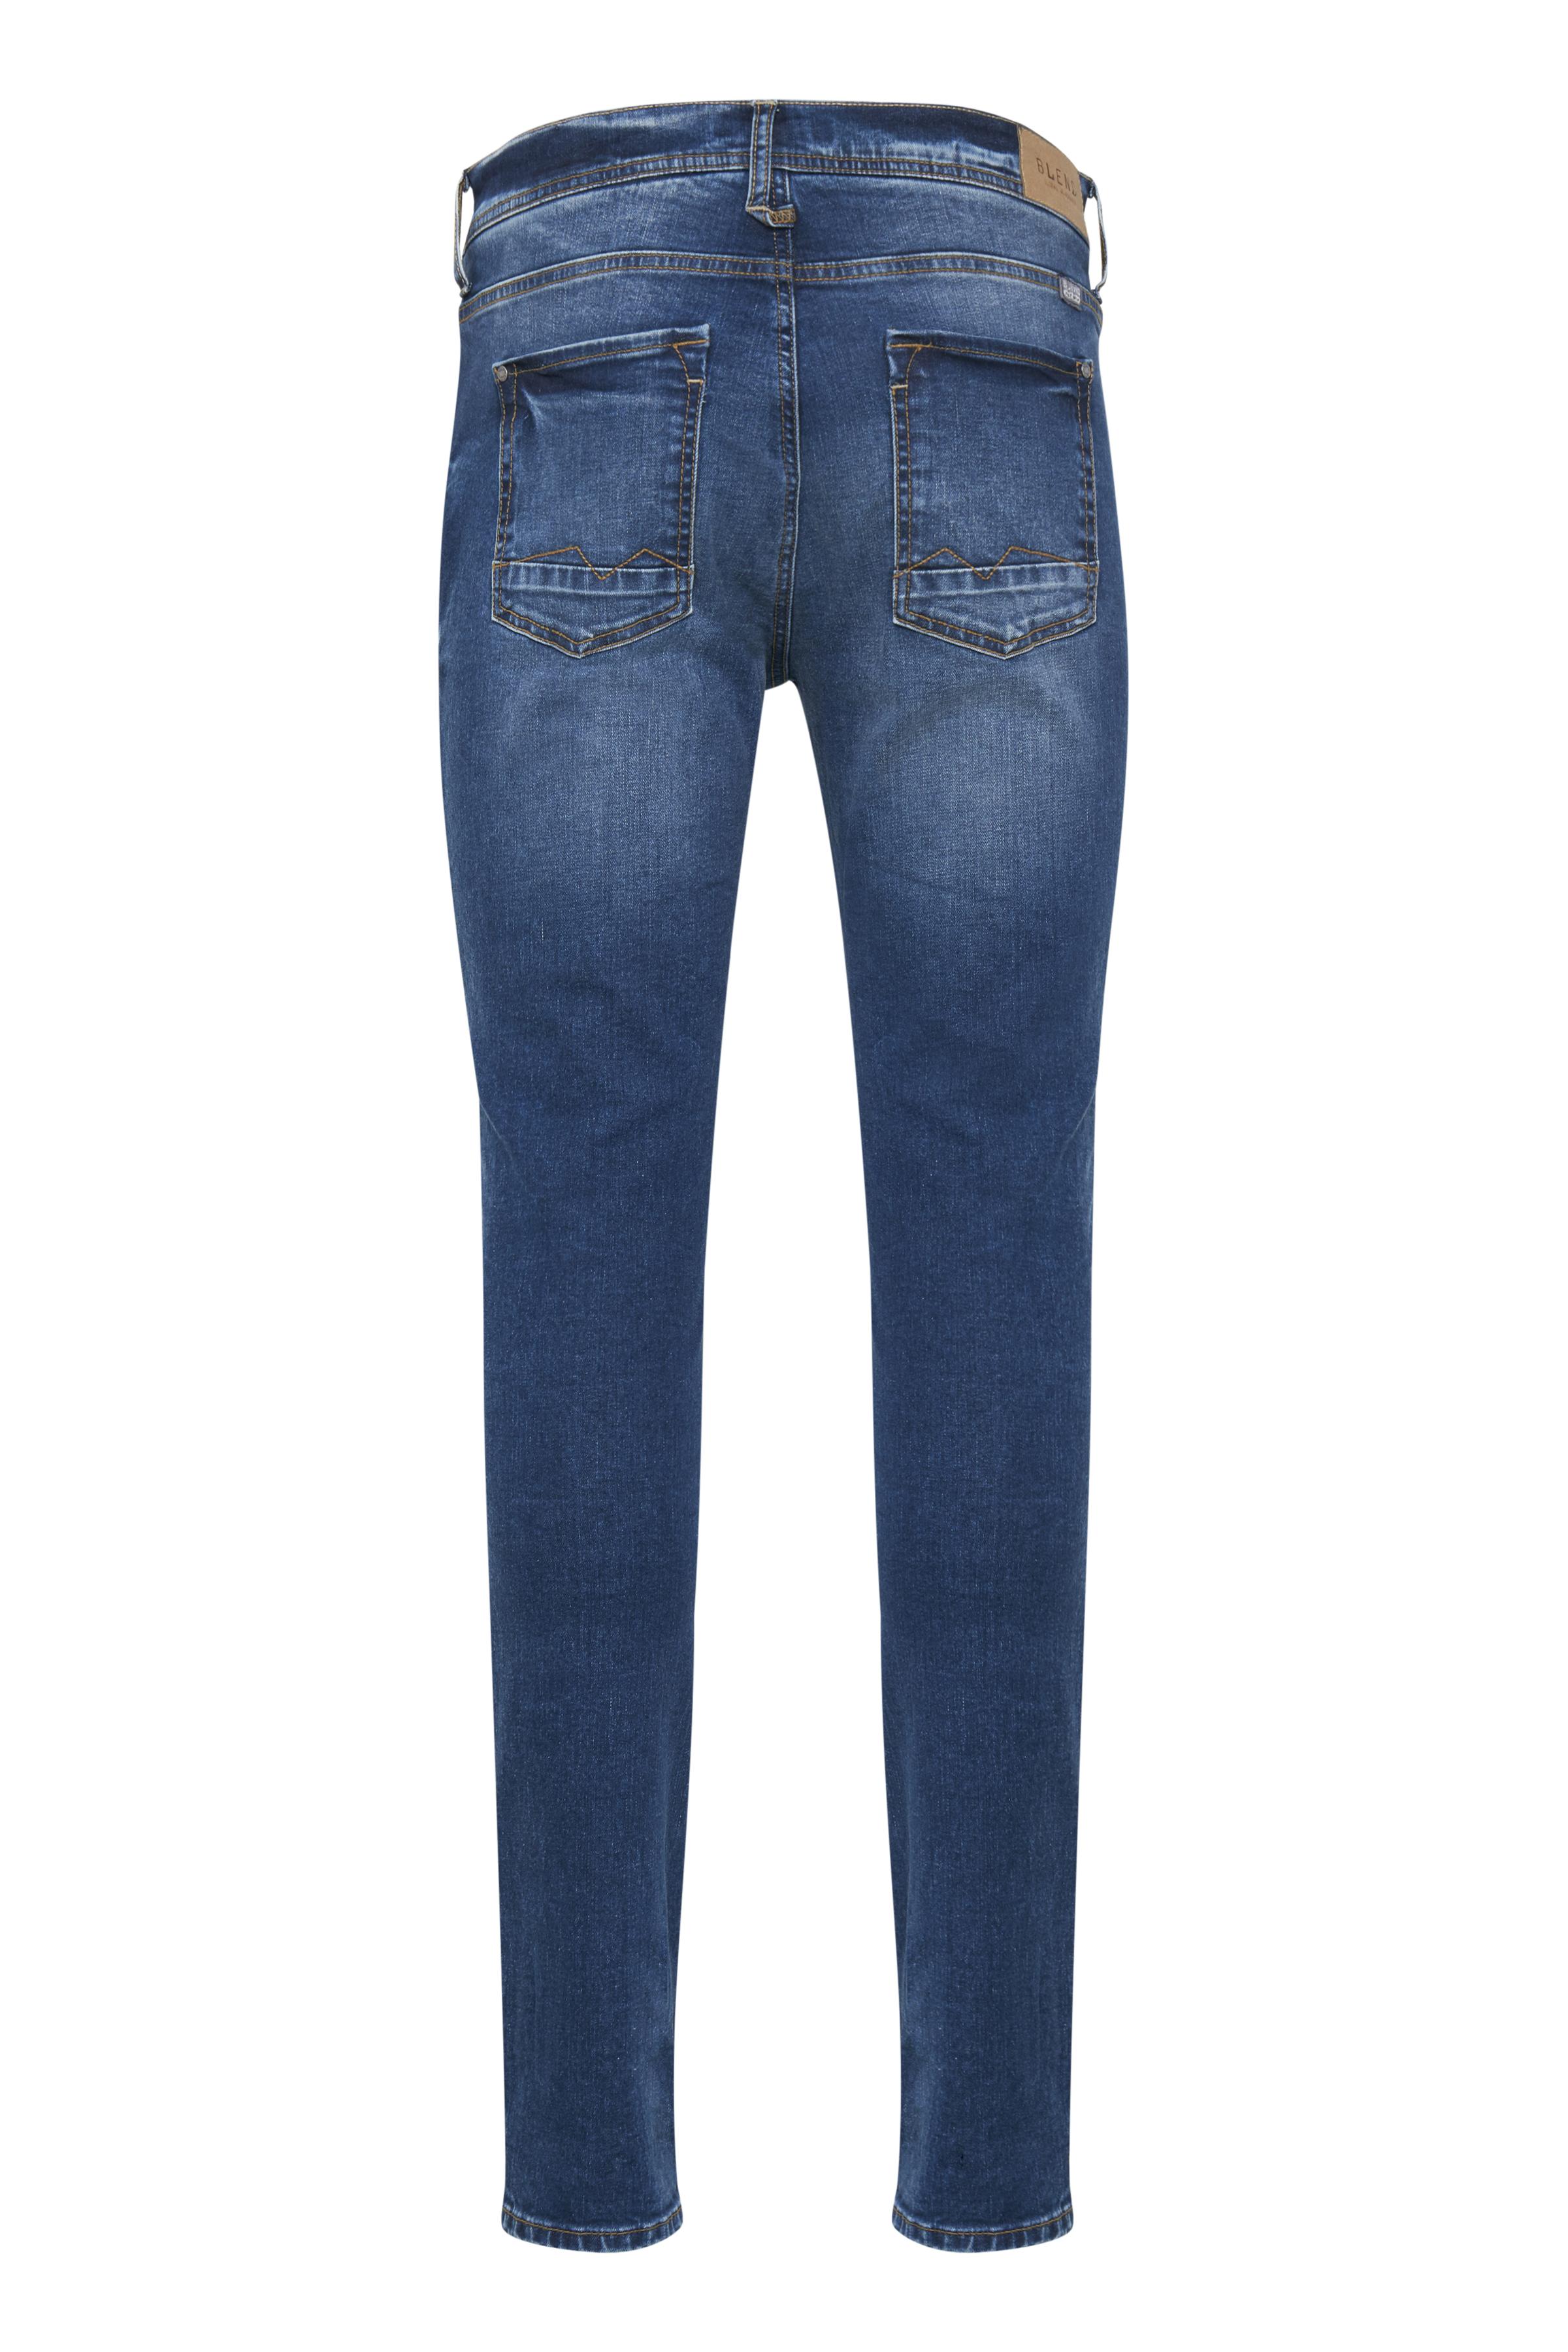 Denim Middle blue Echo jeans fra Blend He – Køb Denim Middle blue Echo jeans fra str. 30-40 her